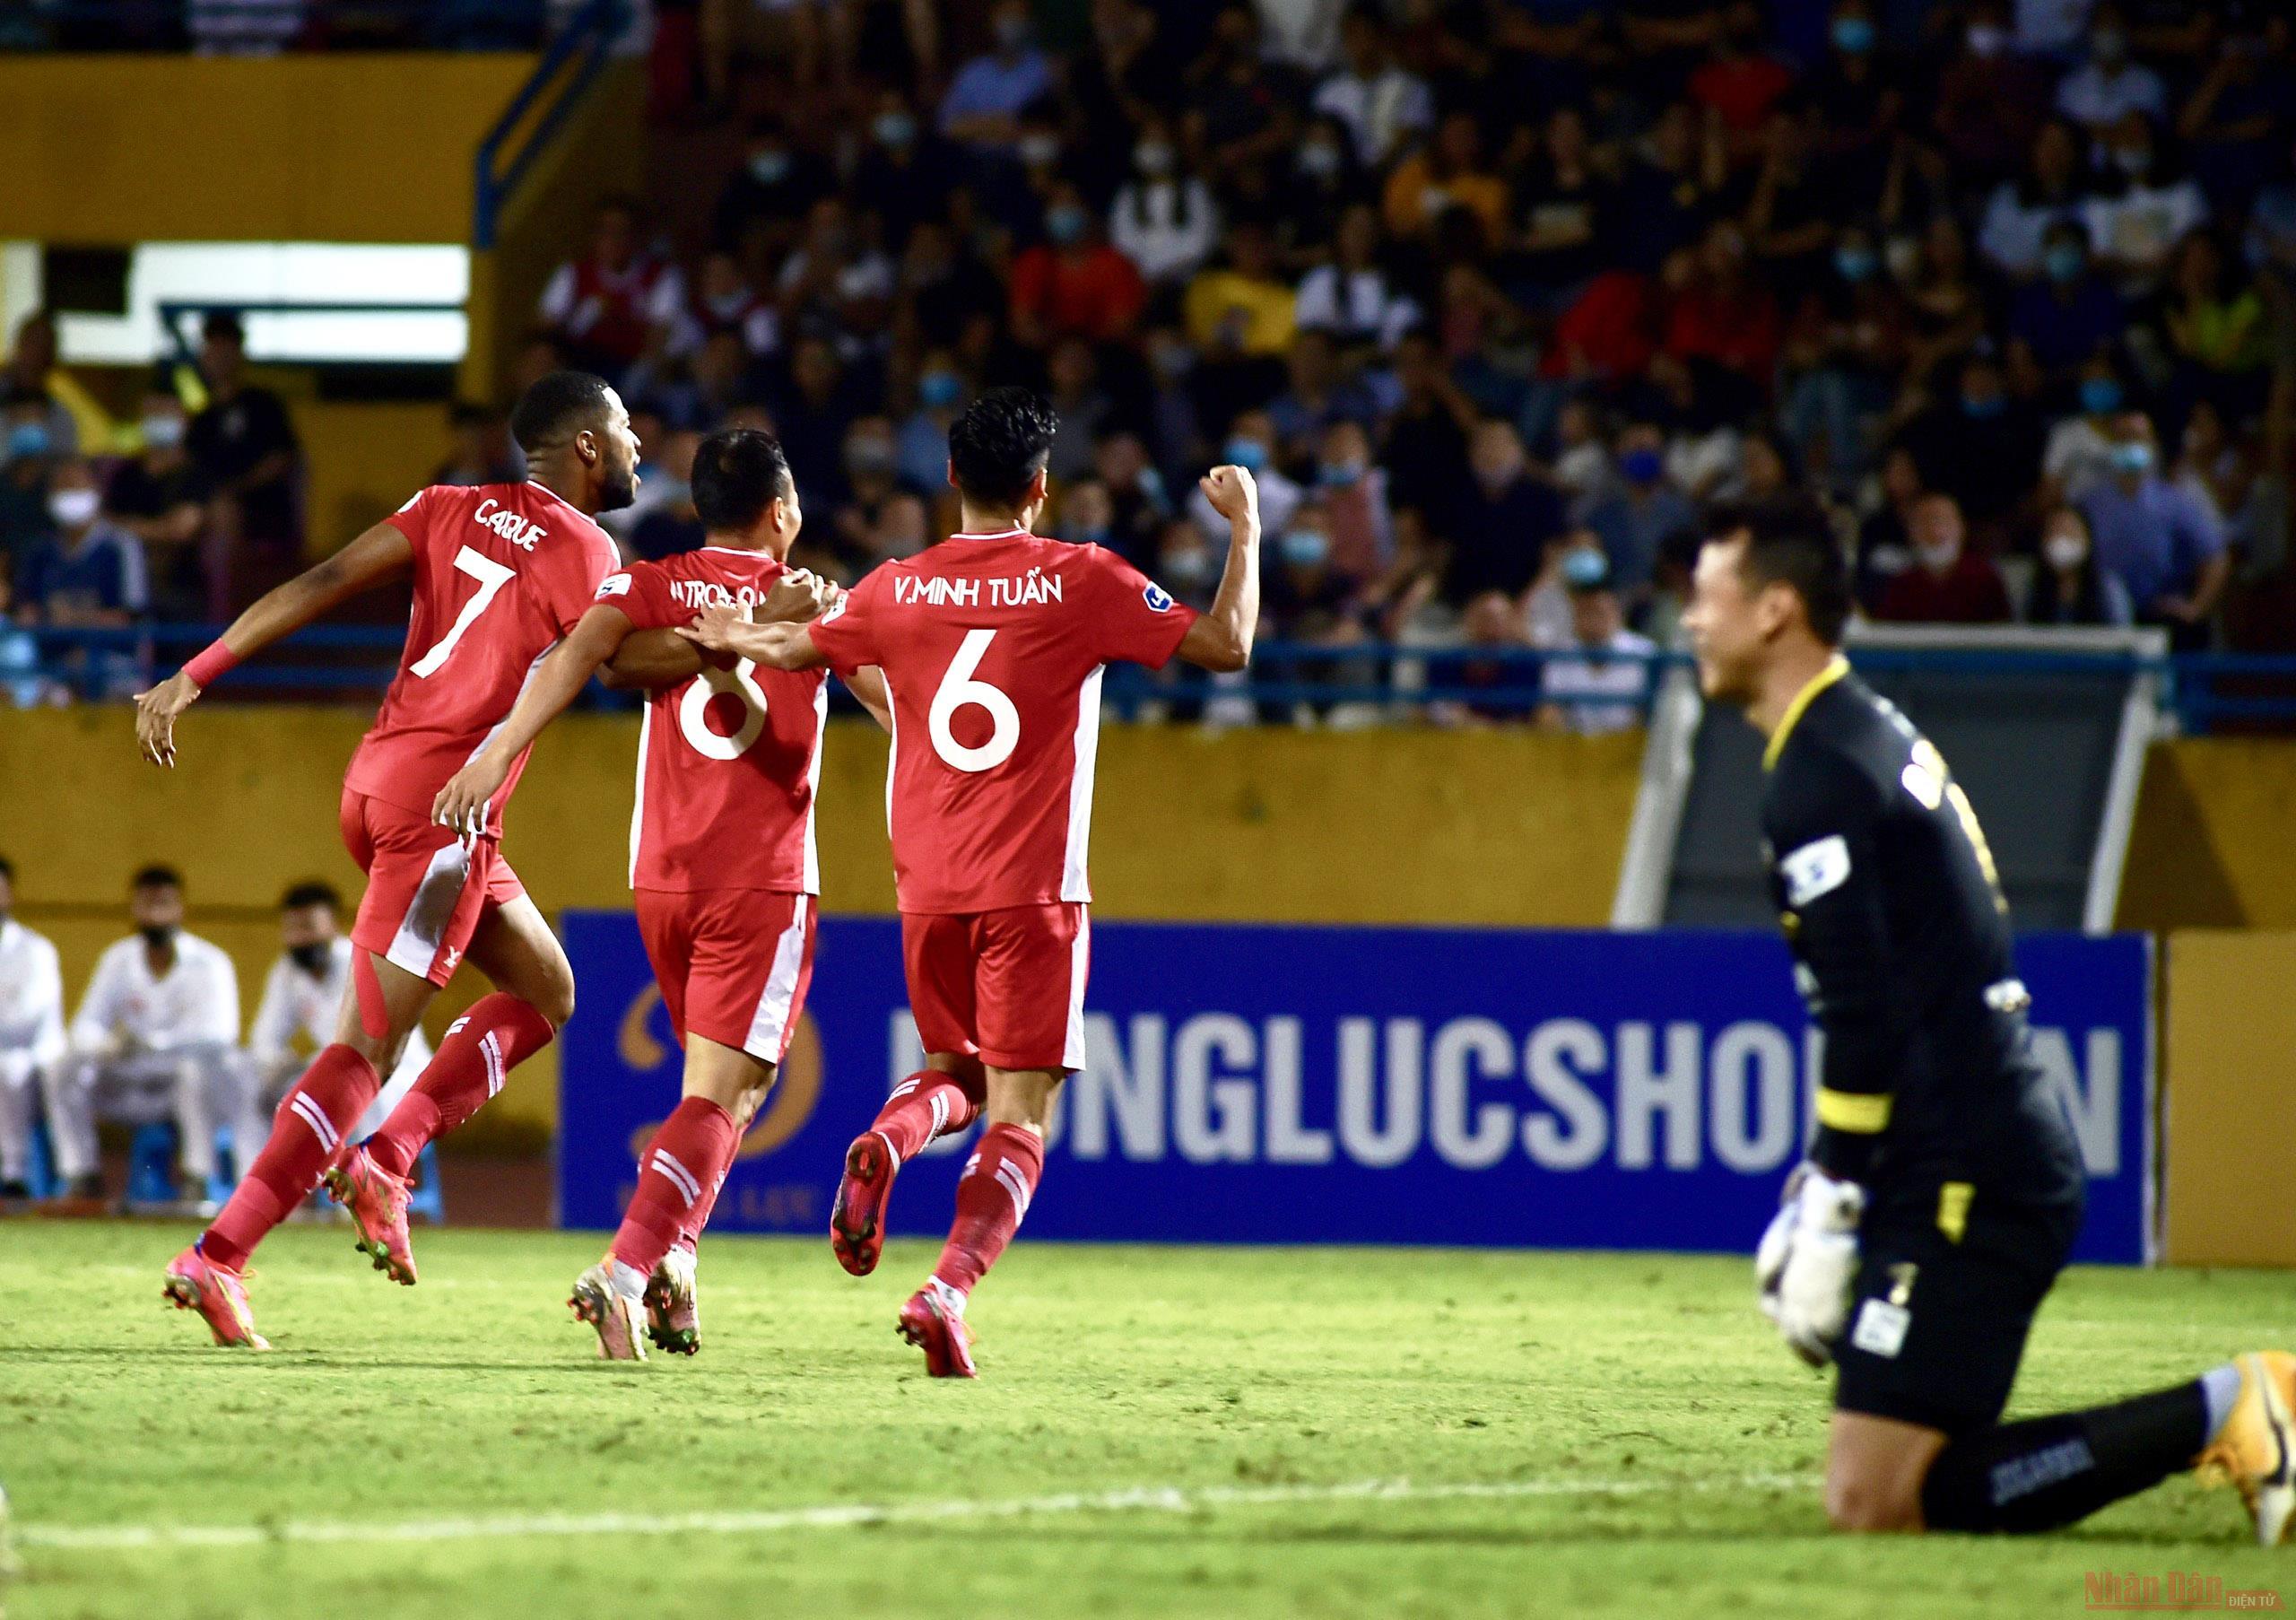 Than Quảng Ninh chiếm ngôi đầu bảng, Trọng Hoàng tỏa sáng trong trận derby thủ đô -0